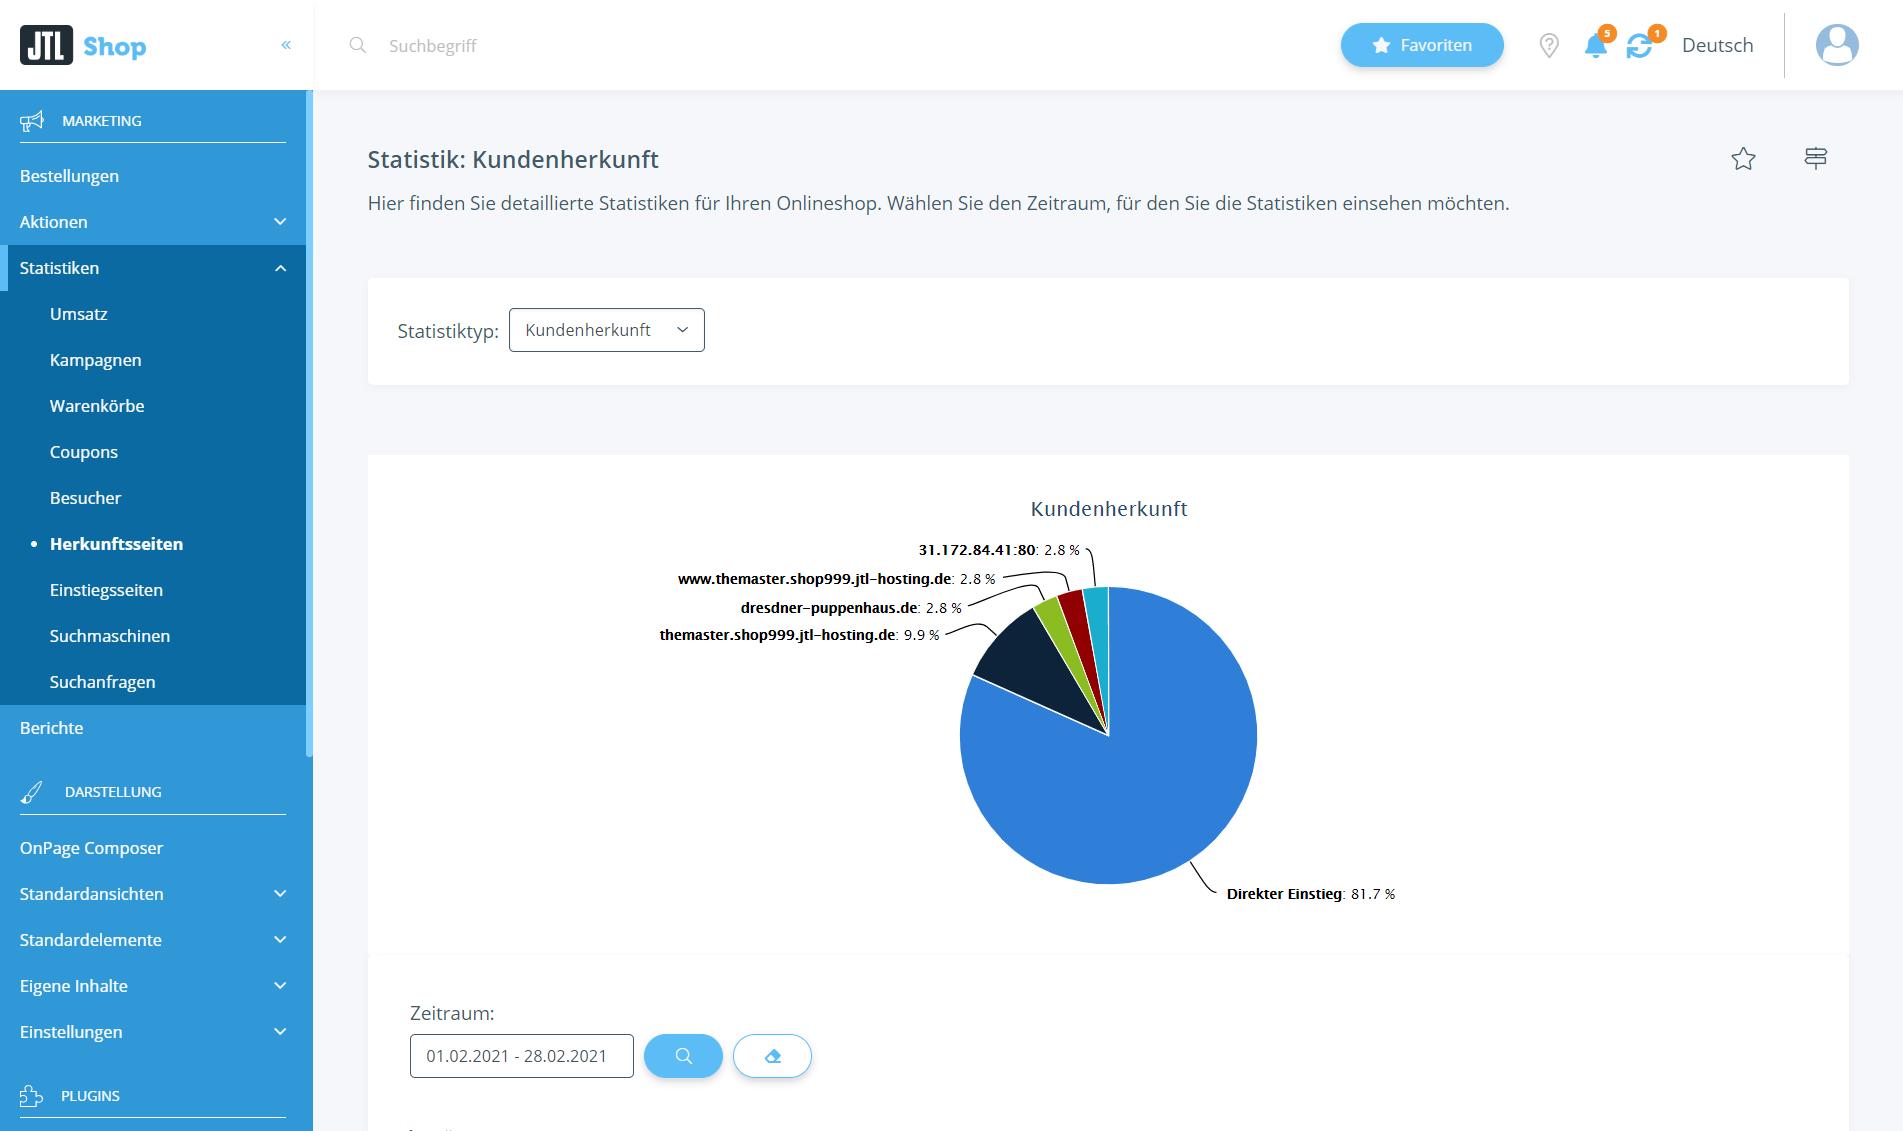 Statistik mit Diagramm zur Kundenherkunft